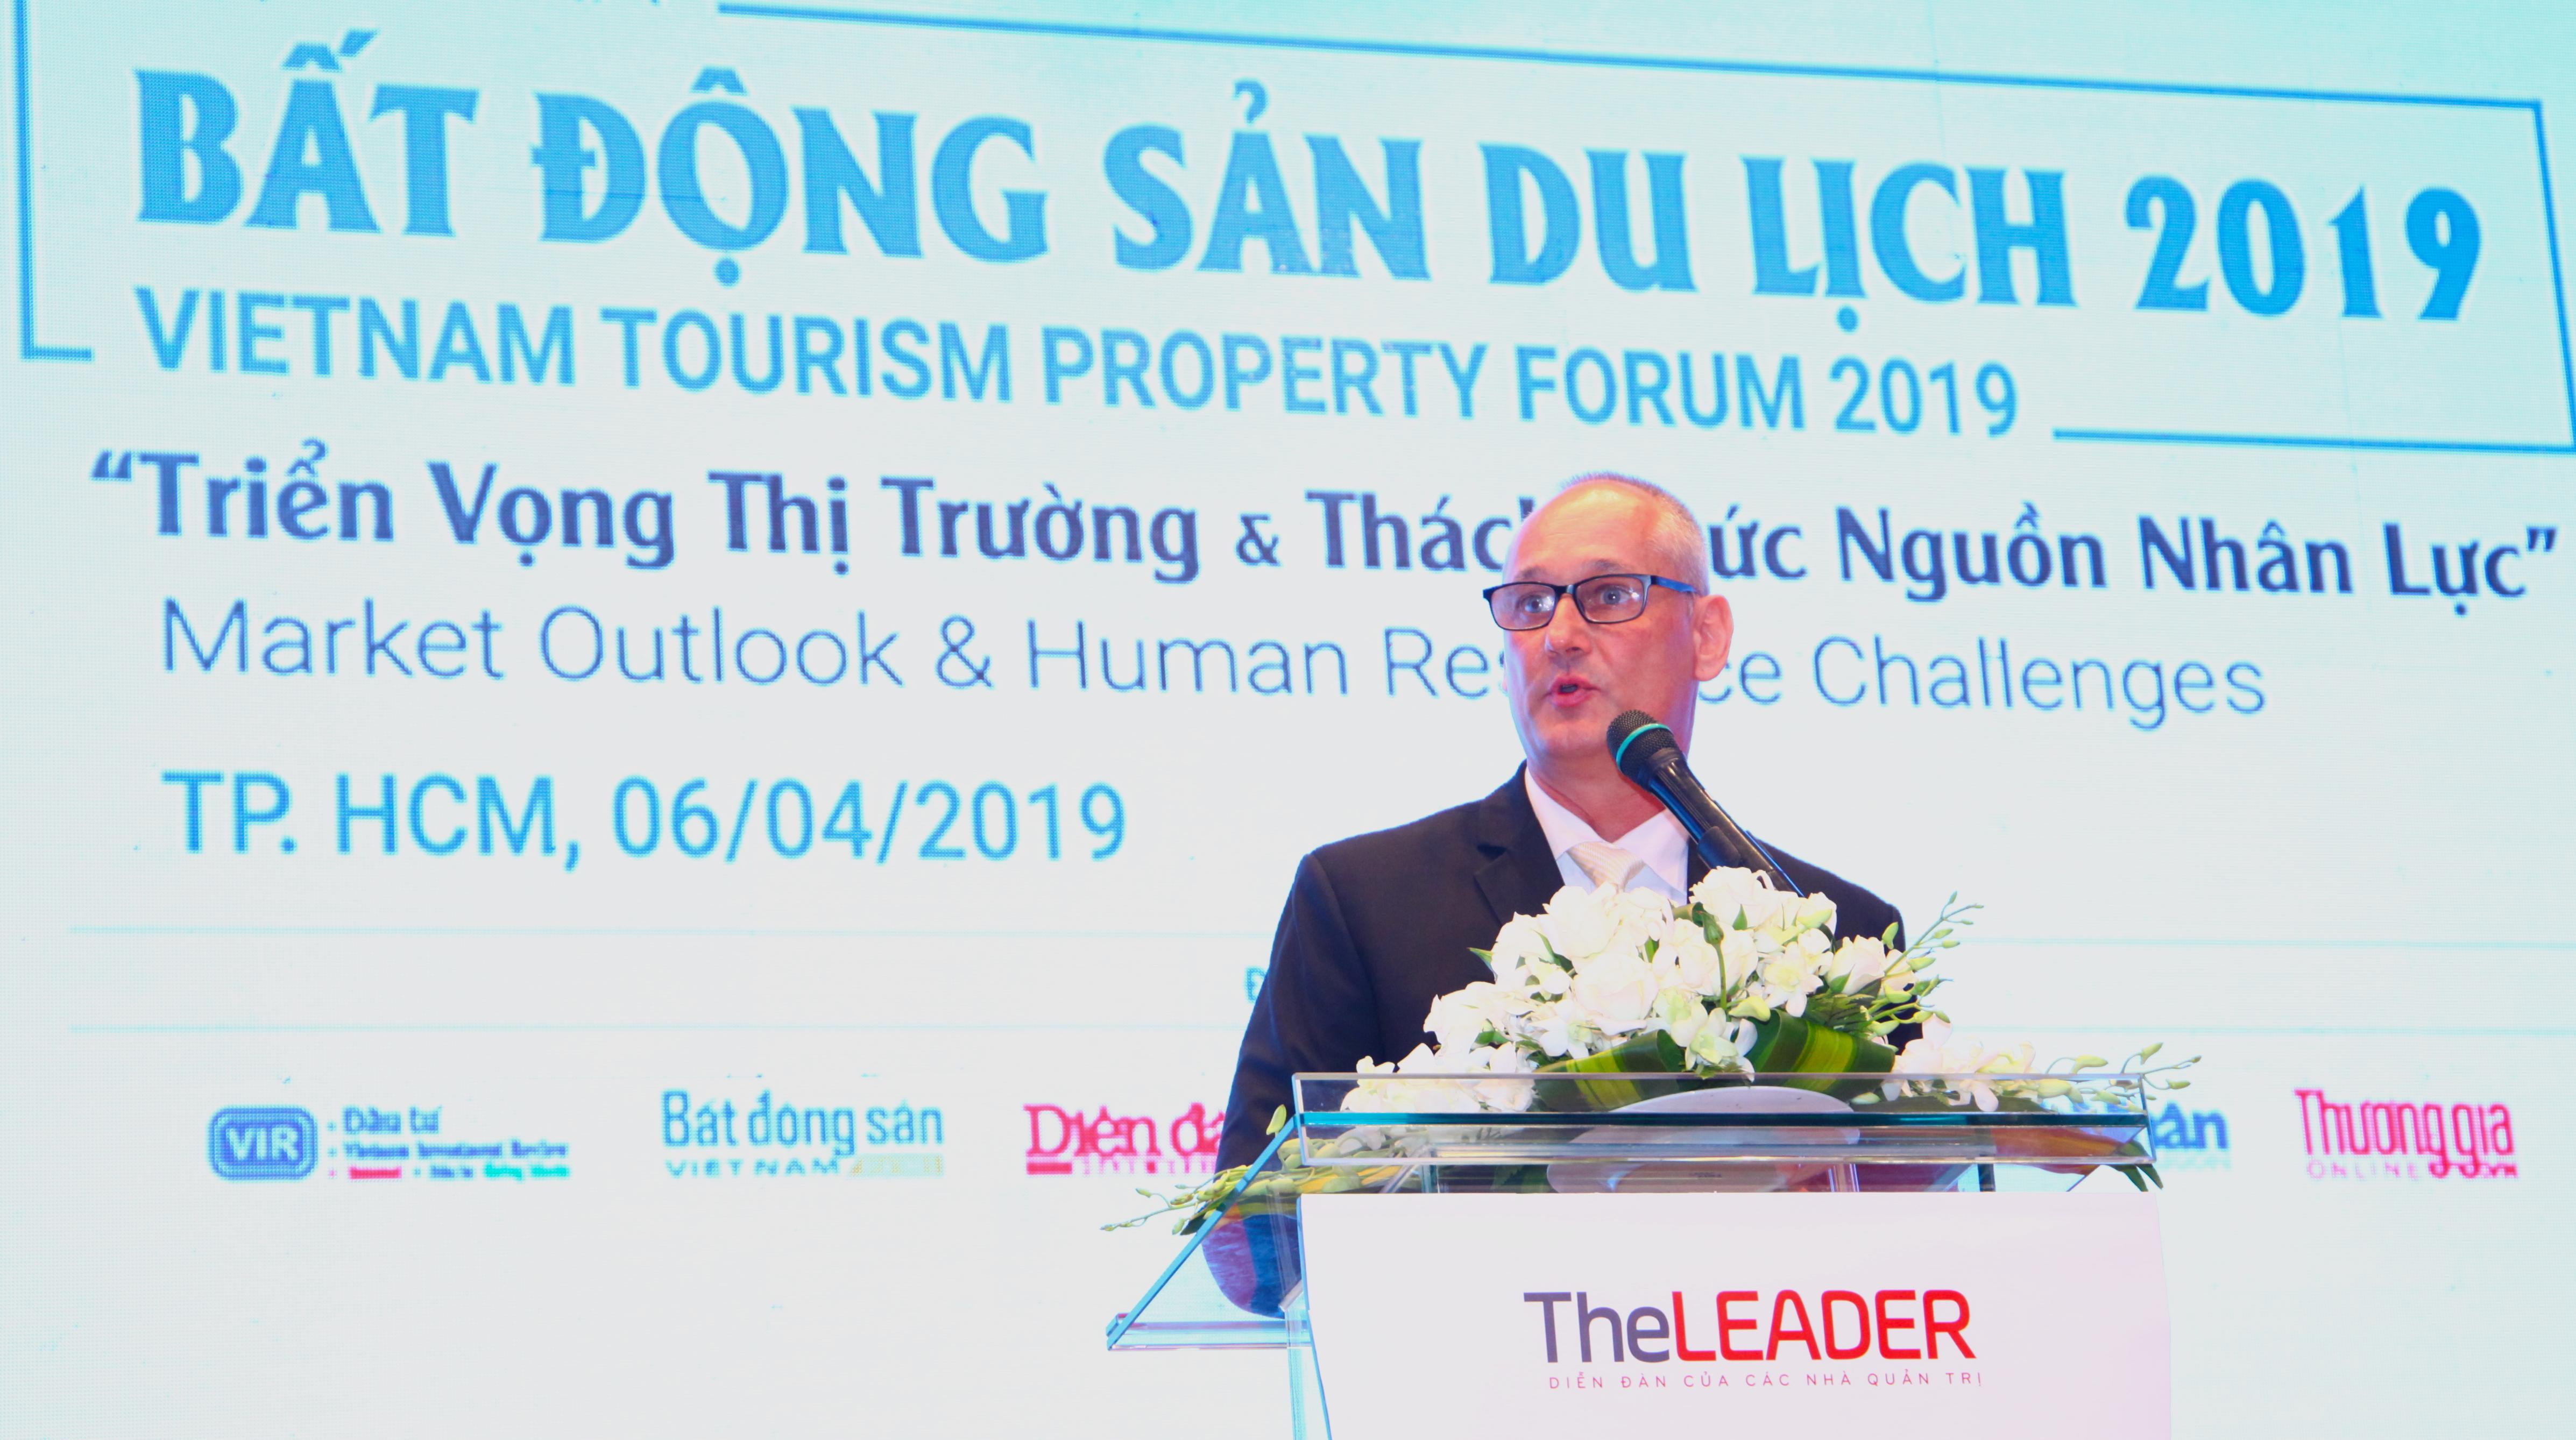 Tường thuật 'Diễn đàn Bất động sản du lịch 2019' 7